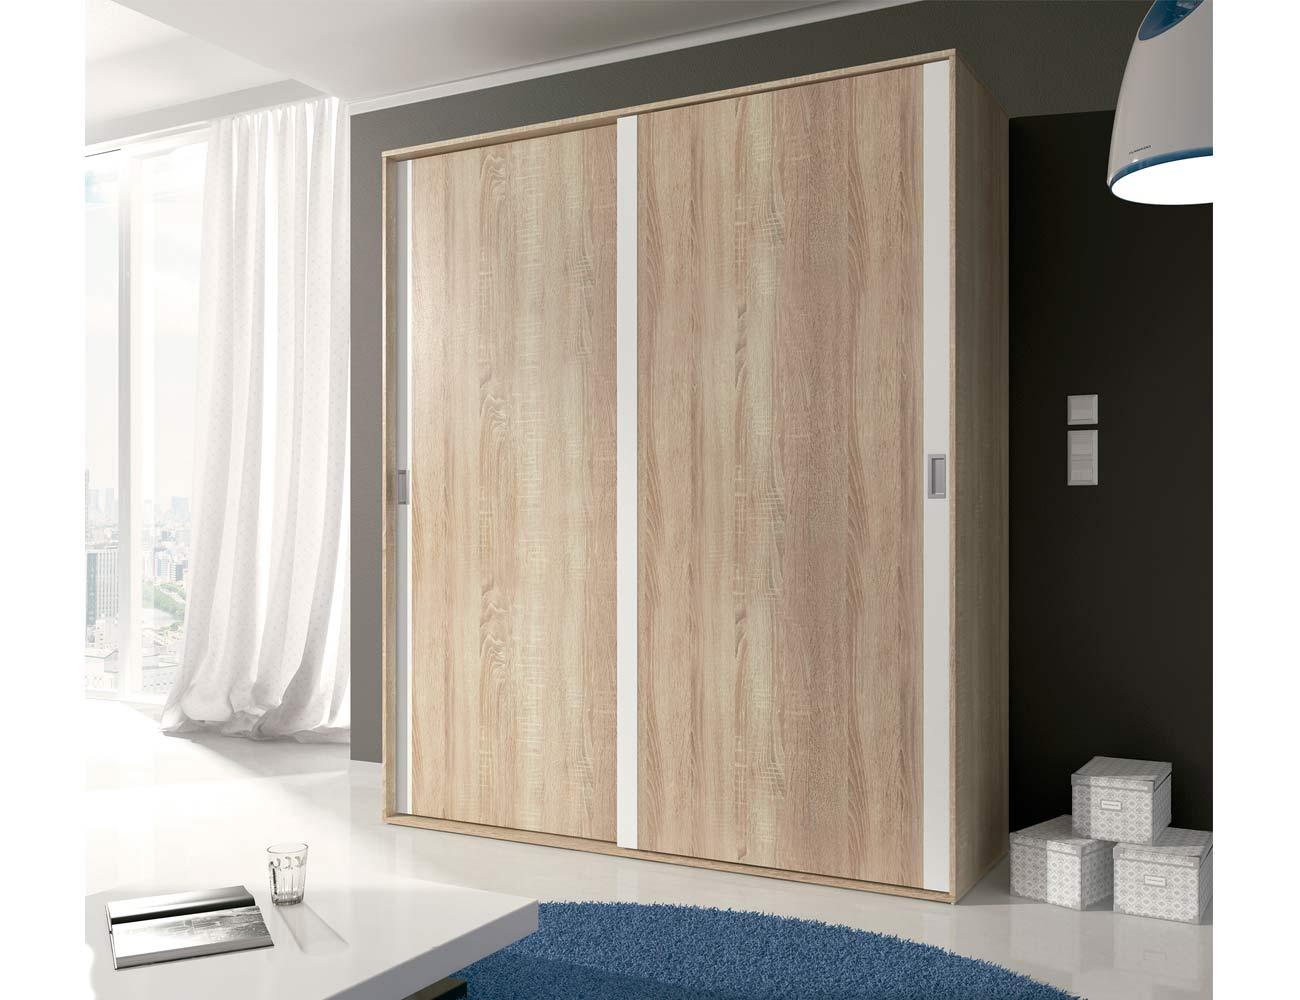 14 armario 2 puertas correderas cambrian blanco2